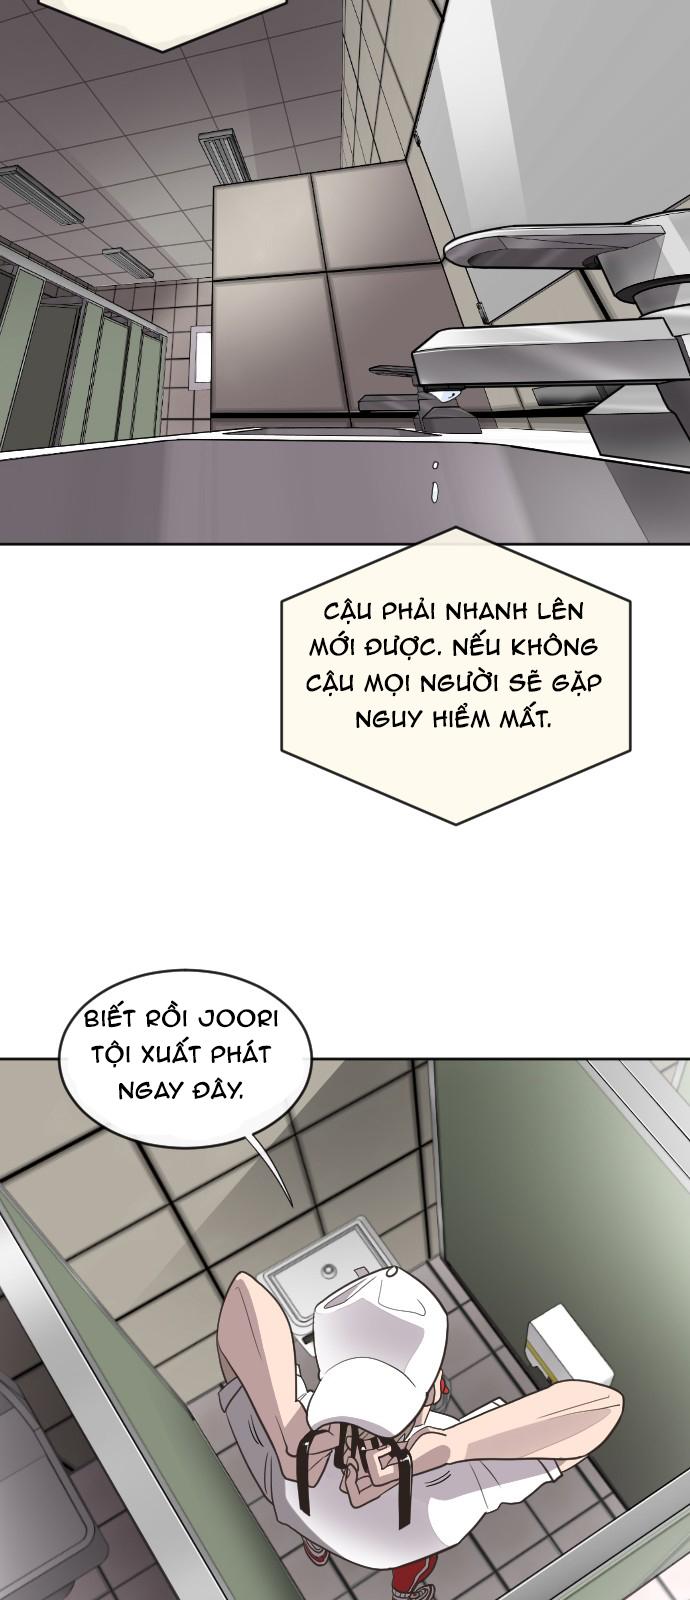 Kĩ Nguyên Của Anh Hùng chap 2 - Trang 50